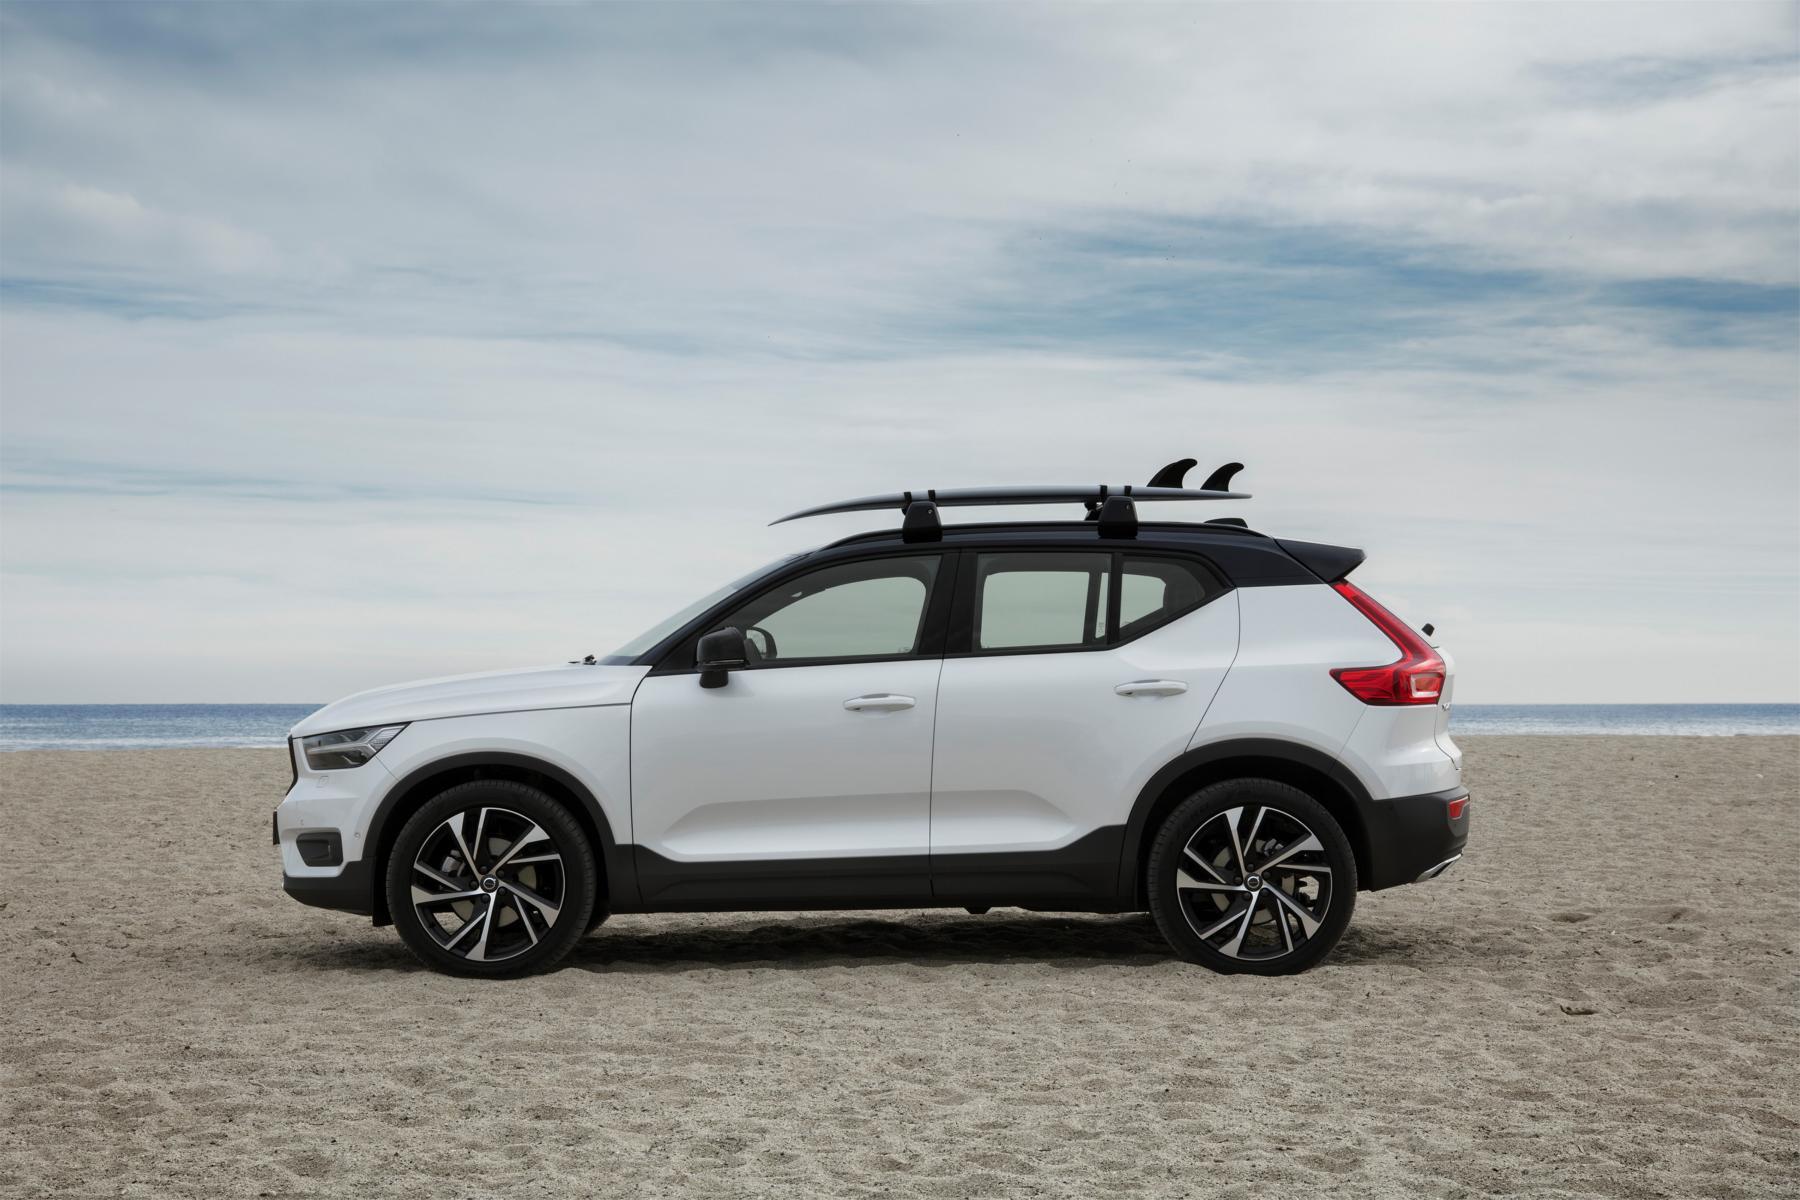 Global großes Interesse an neuem SUV Neuer Volvo XC40 mit